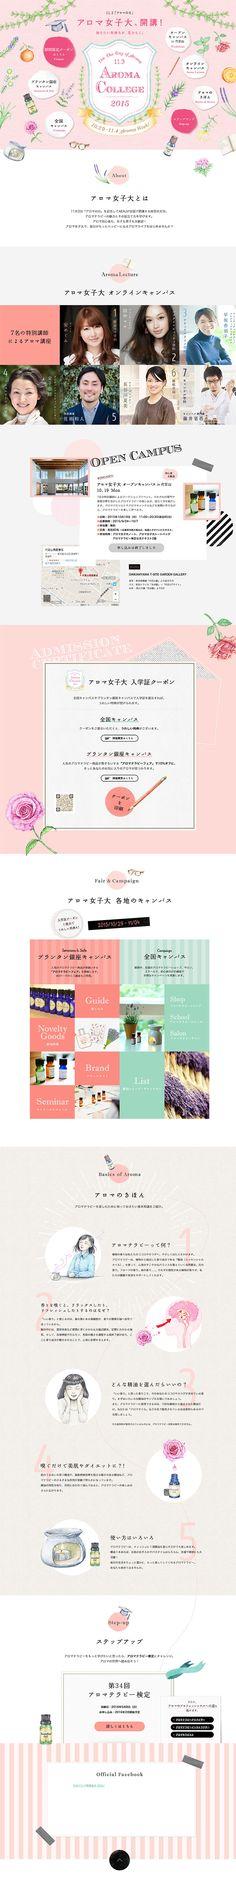 ランディングページ LP アロマ女子大、開講!|サービス|自社サイト